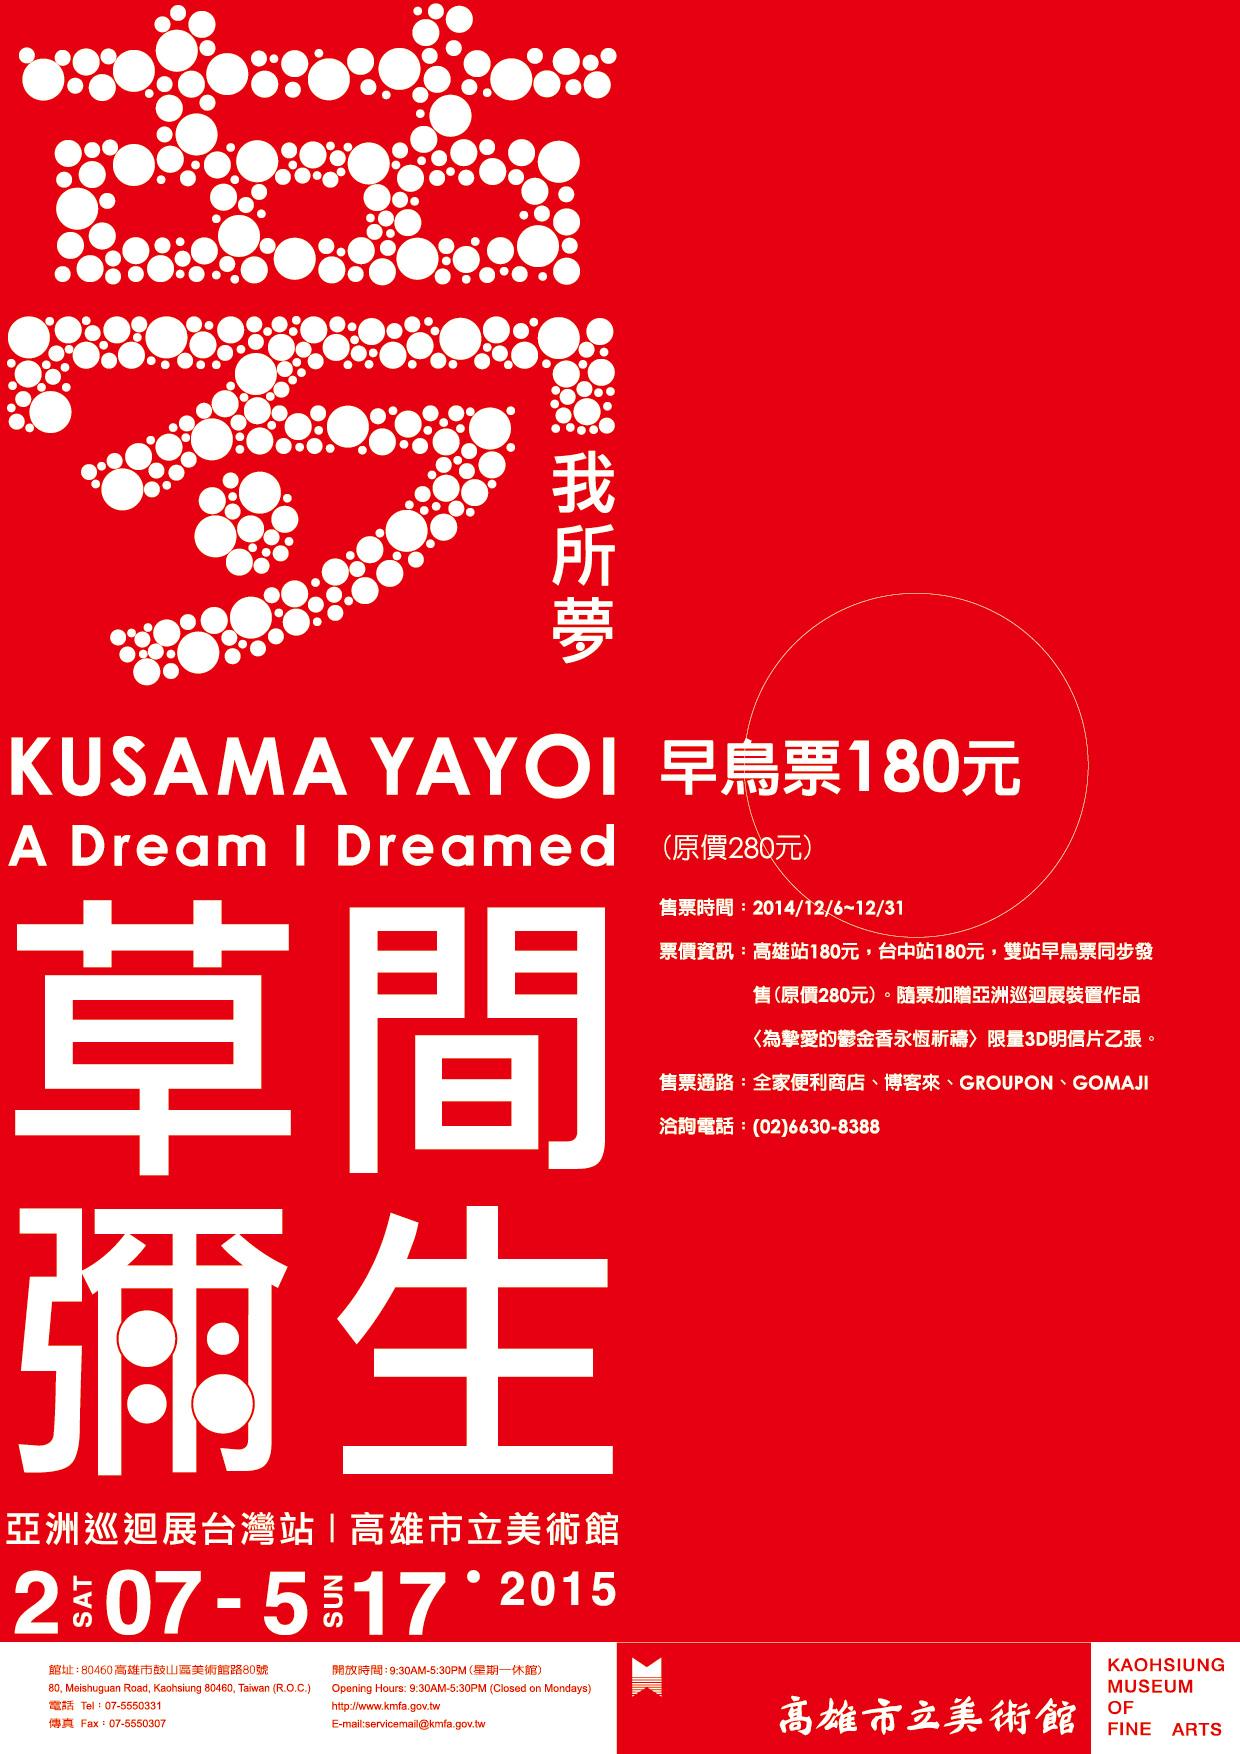 夢我所夢: 草間彌生亞洲巡迴展臺灣站高雄站圖錄